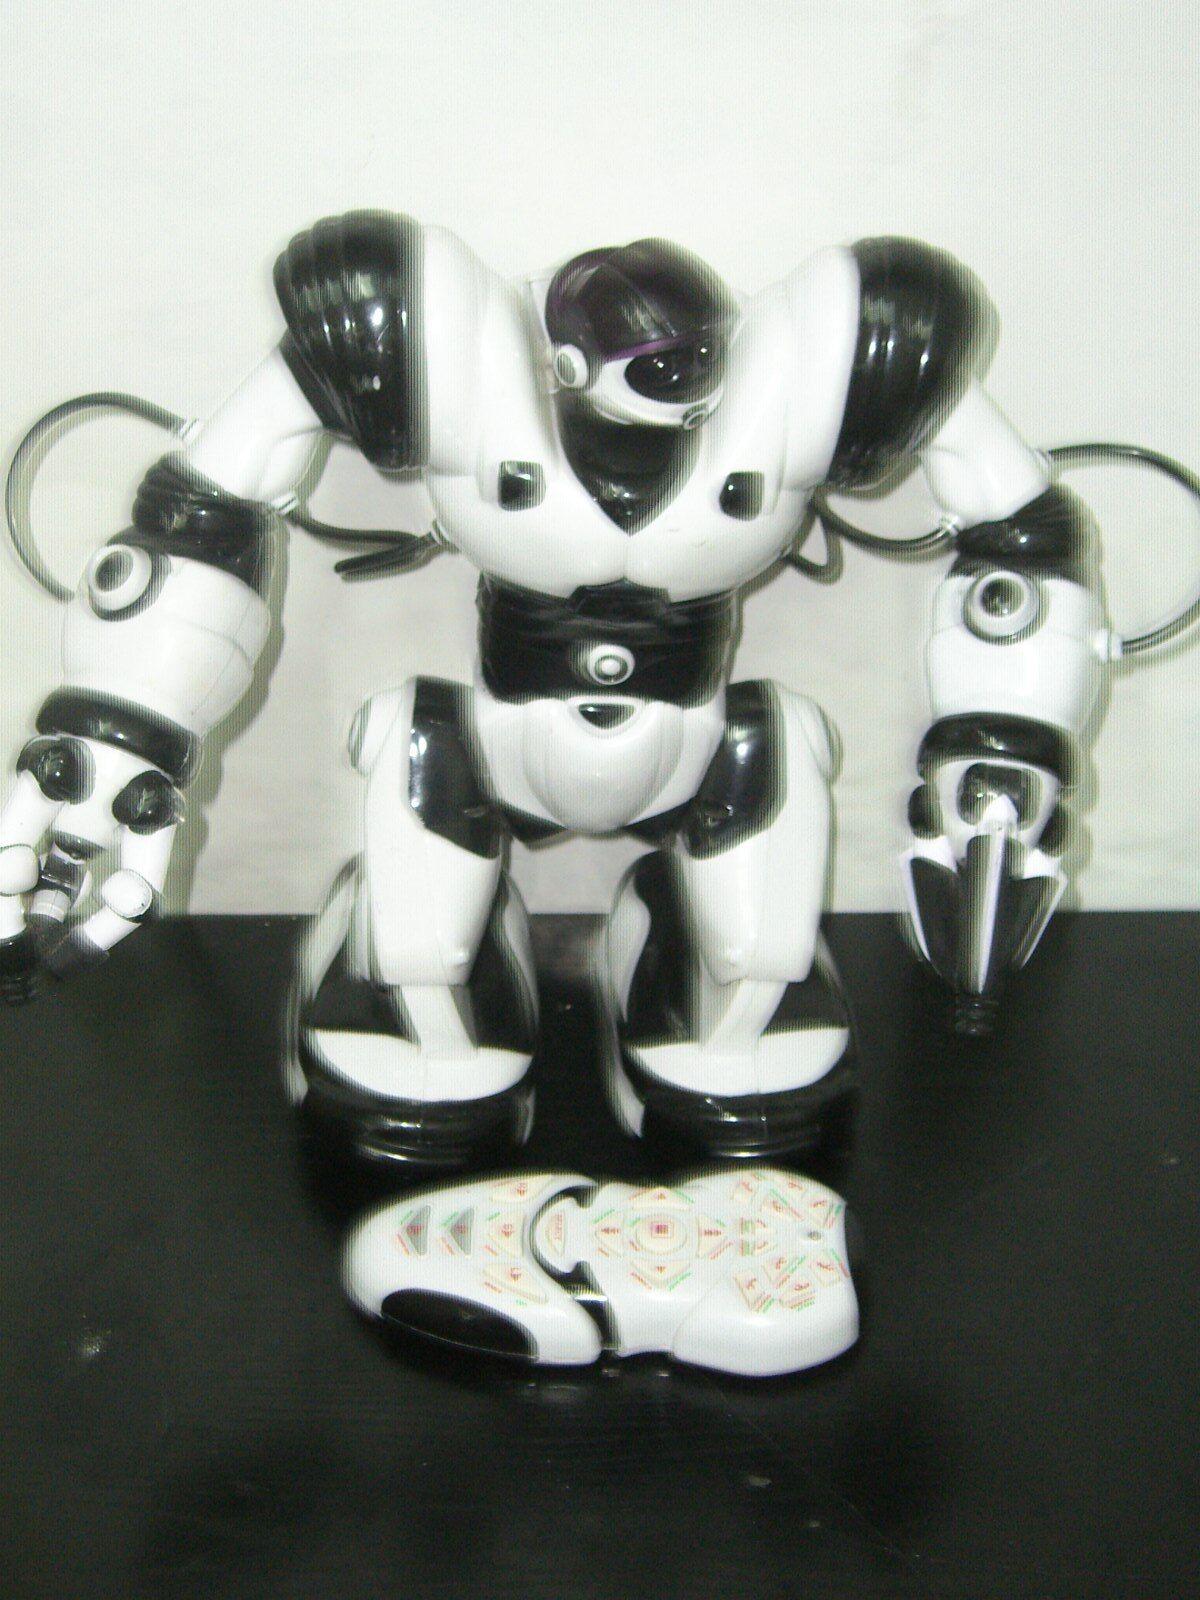 2004 WOW WEE Weiß & schwarz ROBOSAPIEN 14  ROBOT WORKS + REMOTE